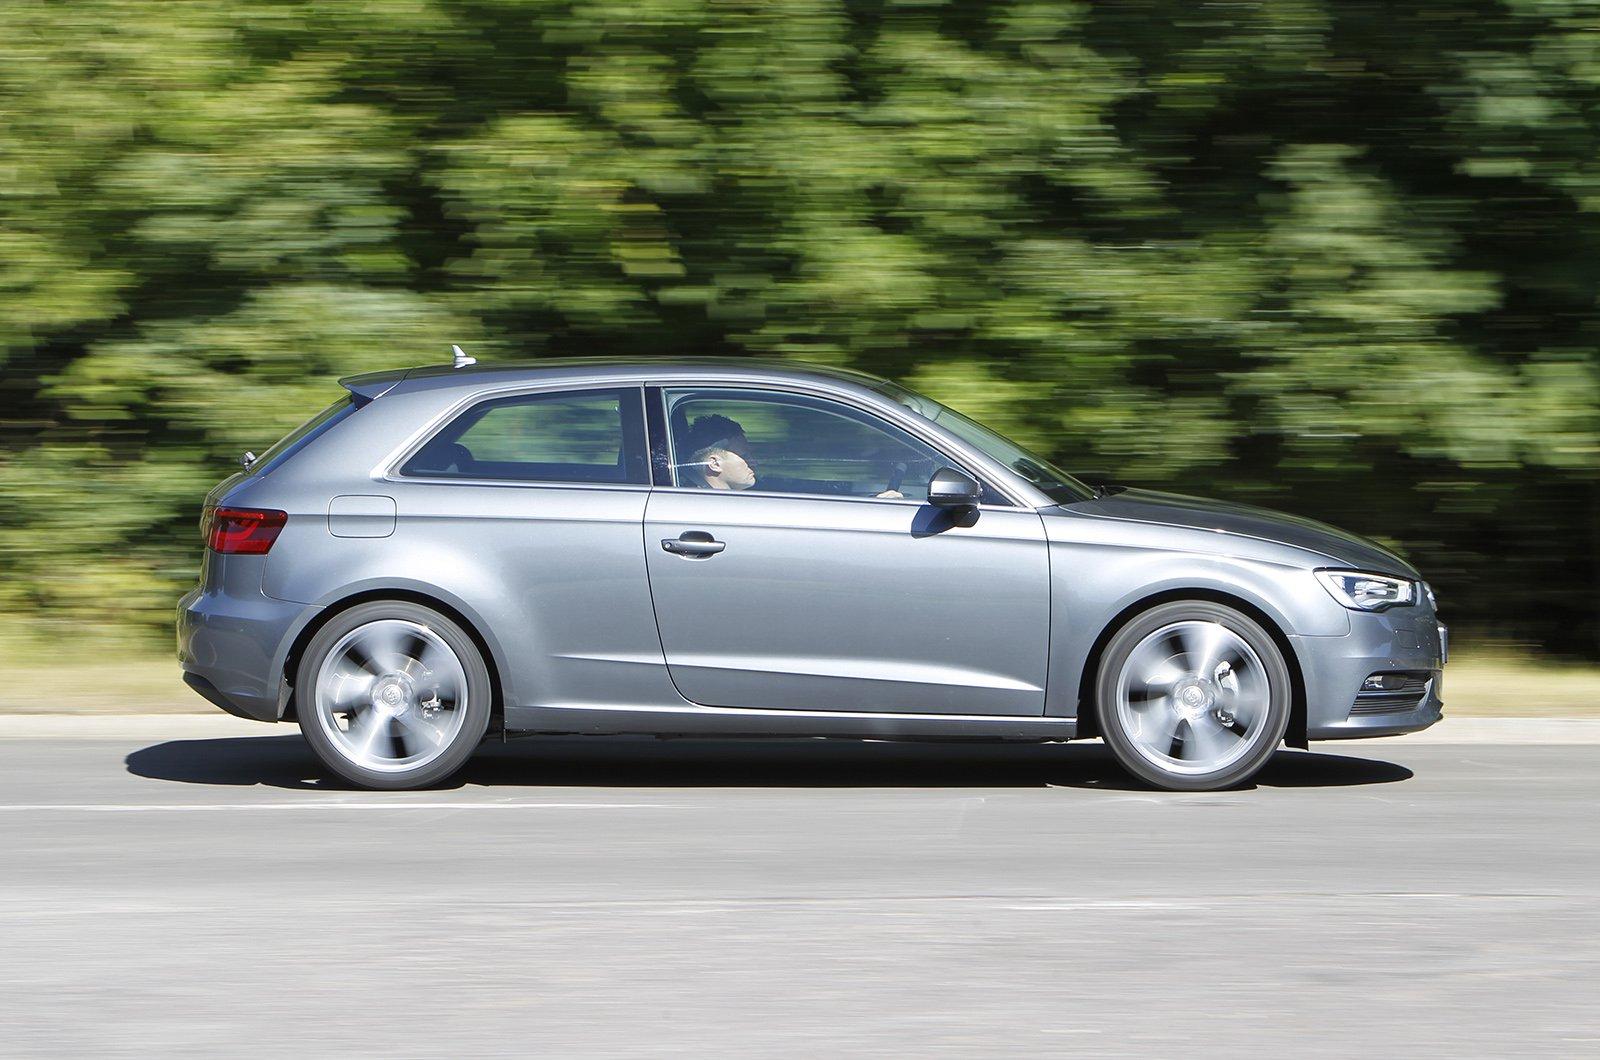 Audi A3 3dr panning